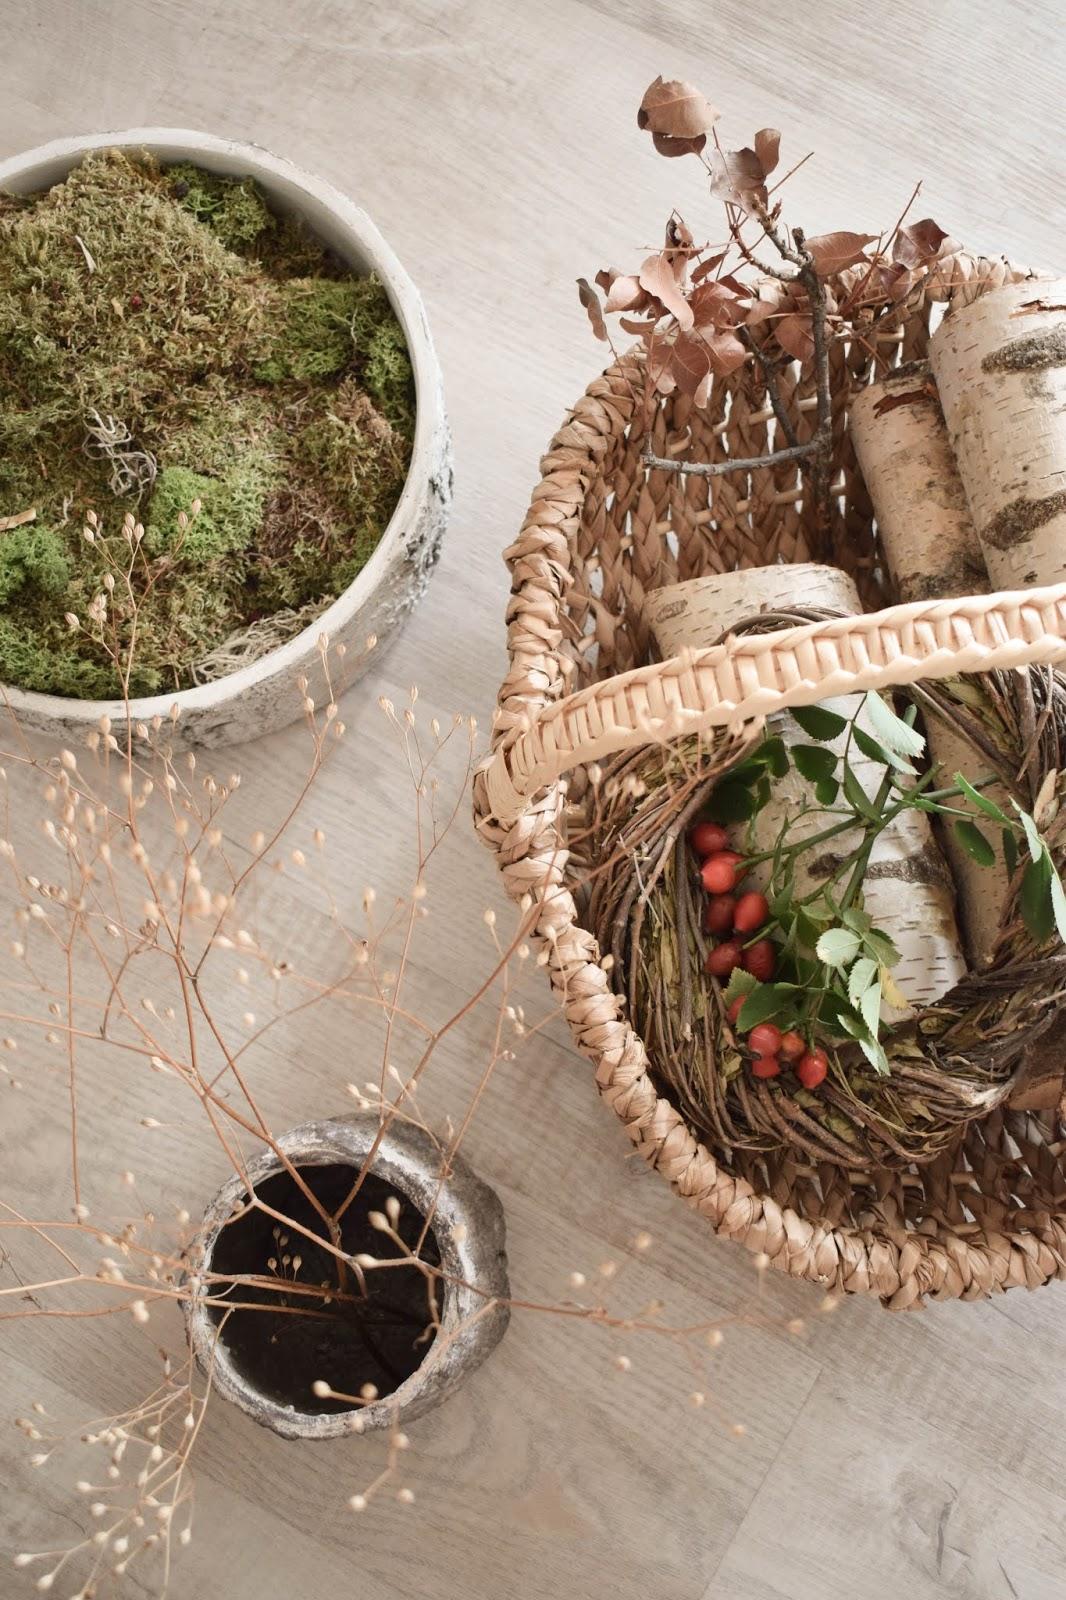 Herbstliche Deko für den Tisch, Sideboard und Konsole. Dekoidee mit Moos, Hagebutte Zutaten Korb